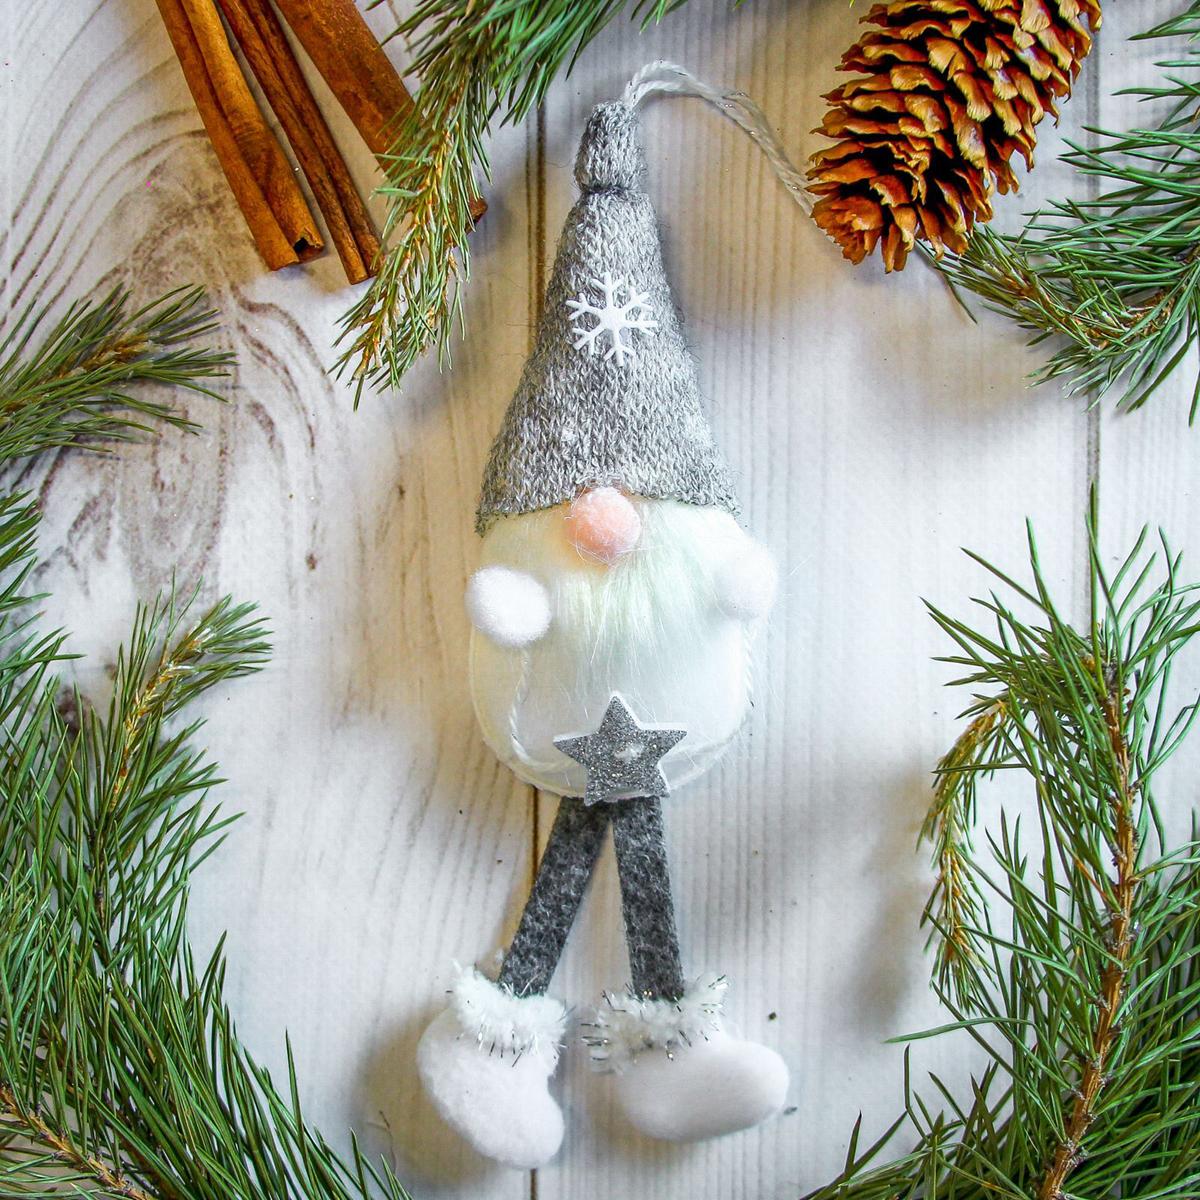 Украшение новогоднее подвесное Дед Мороз, 5 х 18 см2357050Новогоднее украшение ручной работы отлично подойдет для декорации вашего дома и новогодней ели. С помощью специальной петельки украшение можно повесить в любом понравившемся вам месте. Но, конечно, удачнее всего оно будет смотреться на праздничной елке.Елочная игрушка - символ Нового года. Она несет в себе волшебство и красоту праздника. Такое украшение создаст в вашем доме атмосферу праздника, веселья и радости.